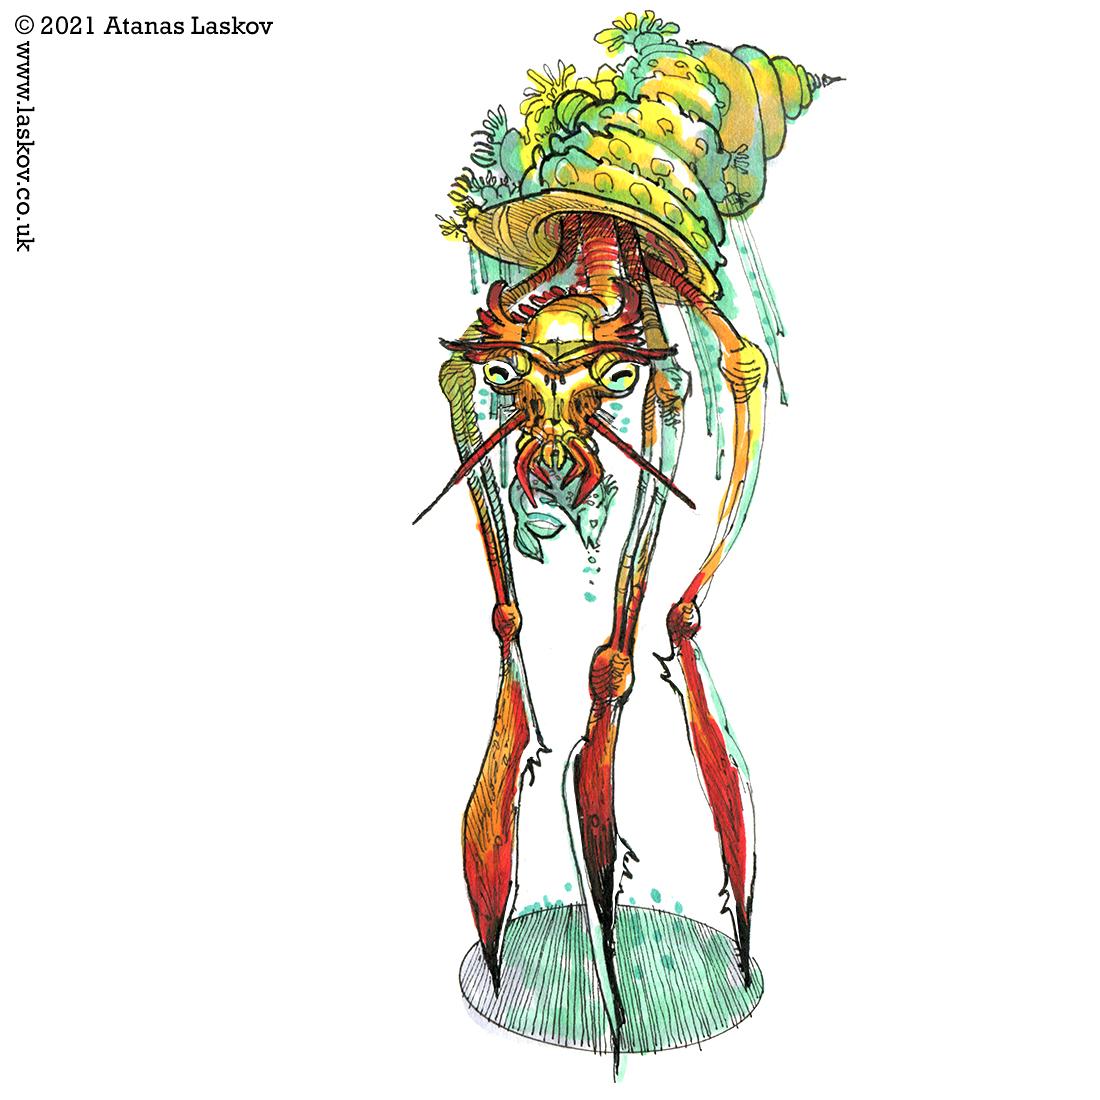 Stalker Crab